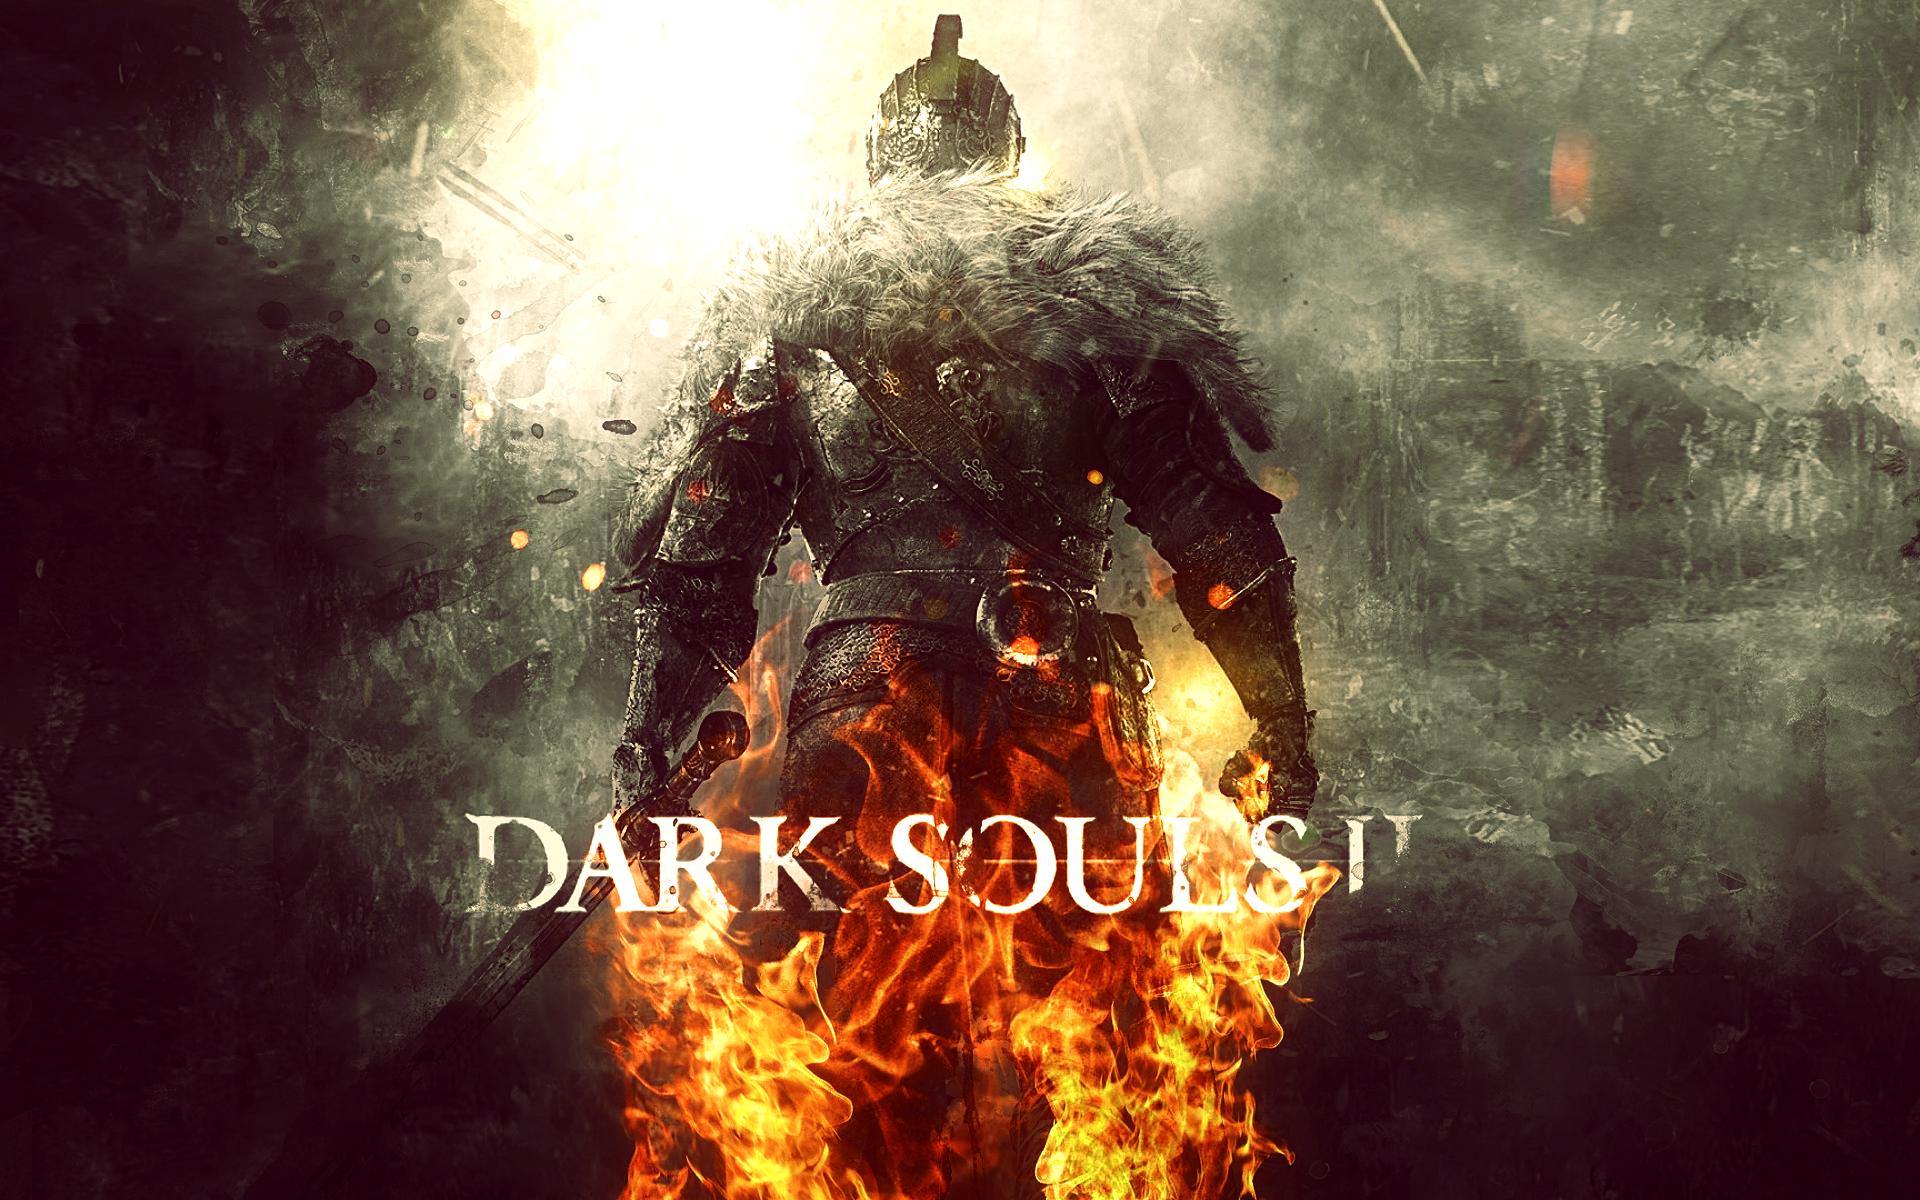 Dark Souls 2 Wallpaper by Enigmarez on DeviantArt